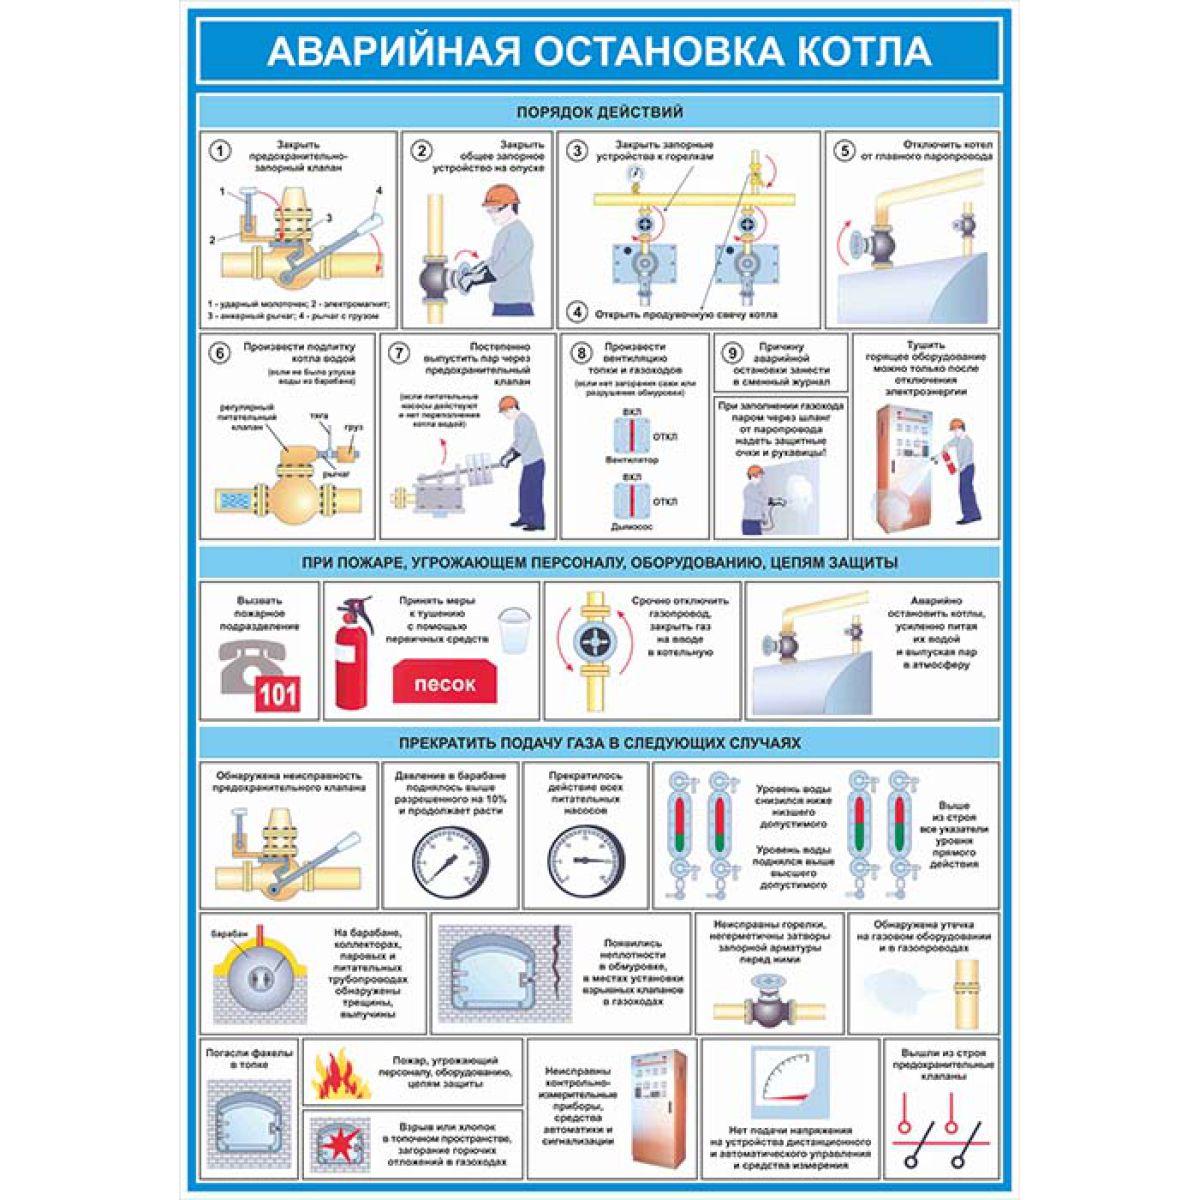 Плакат по охране труда  Аварийная остановка котла